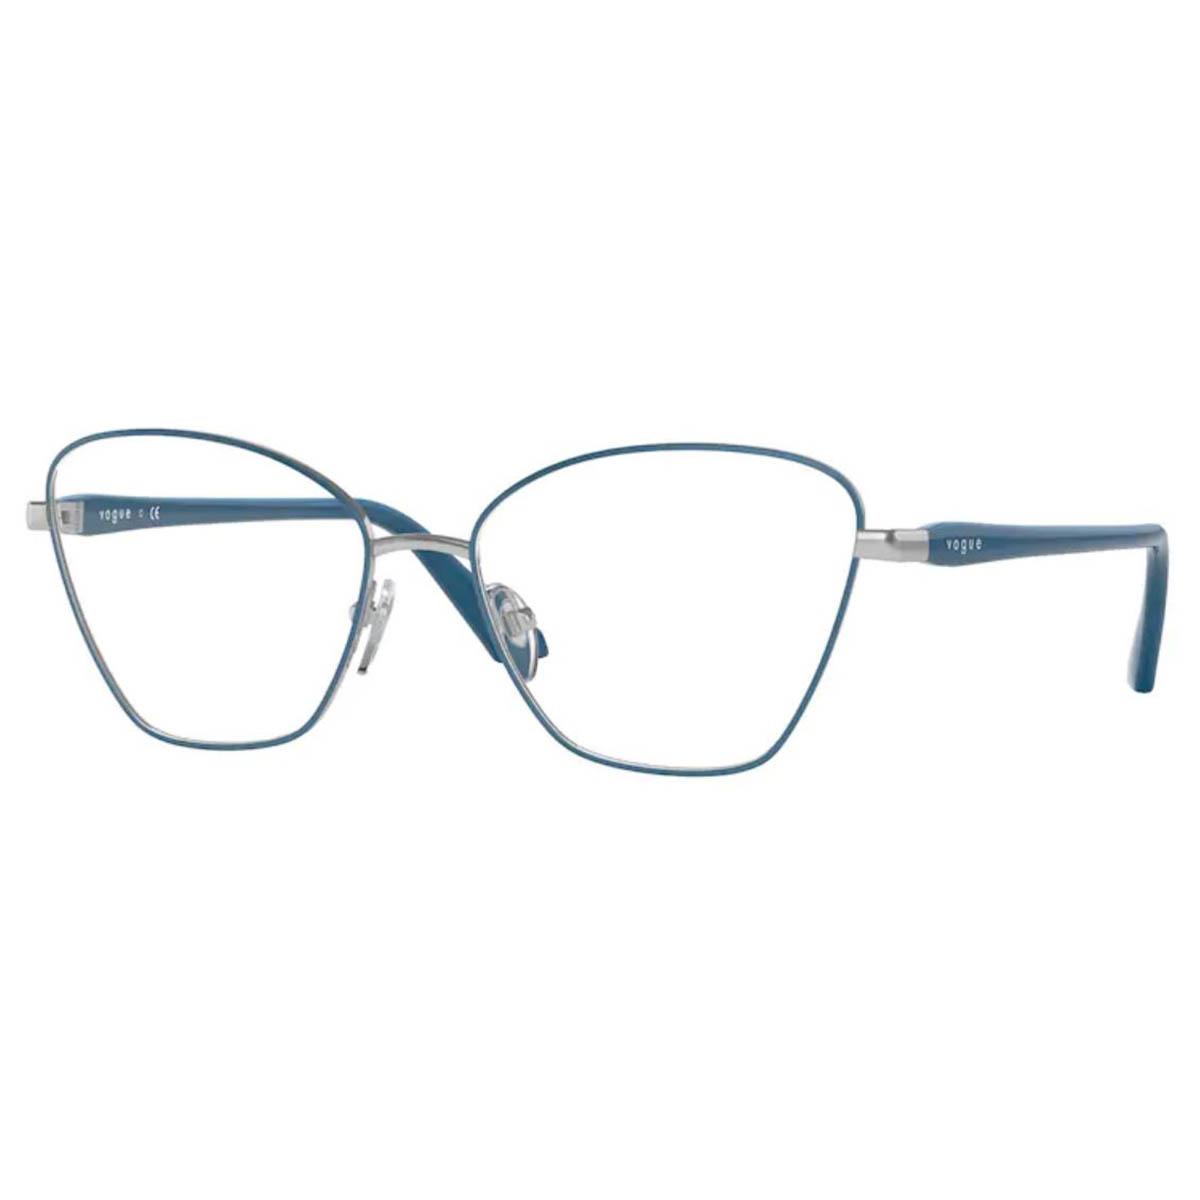 Armação de Grau Vogue VO4195 Metal Azul Brilho Gatinho